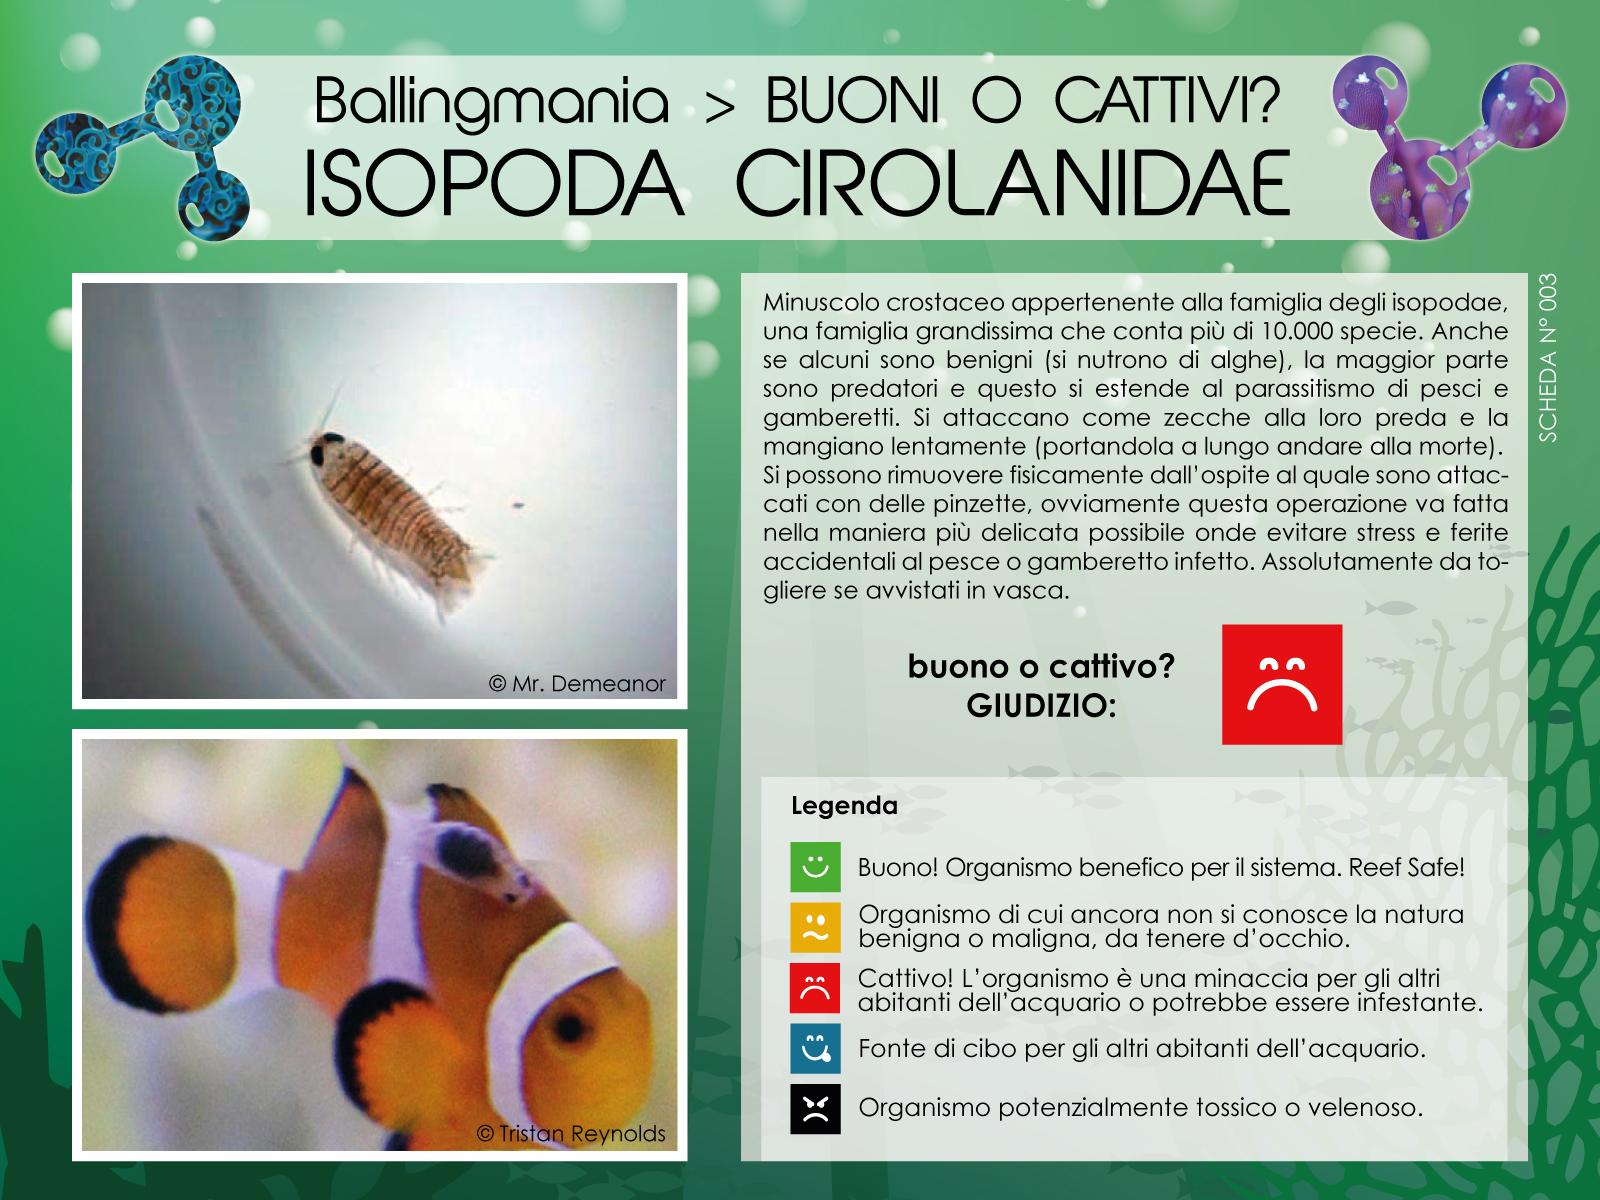 Isopoda Cirolanidae